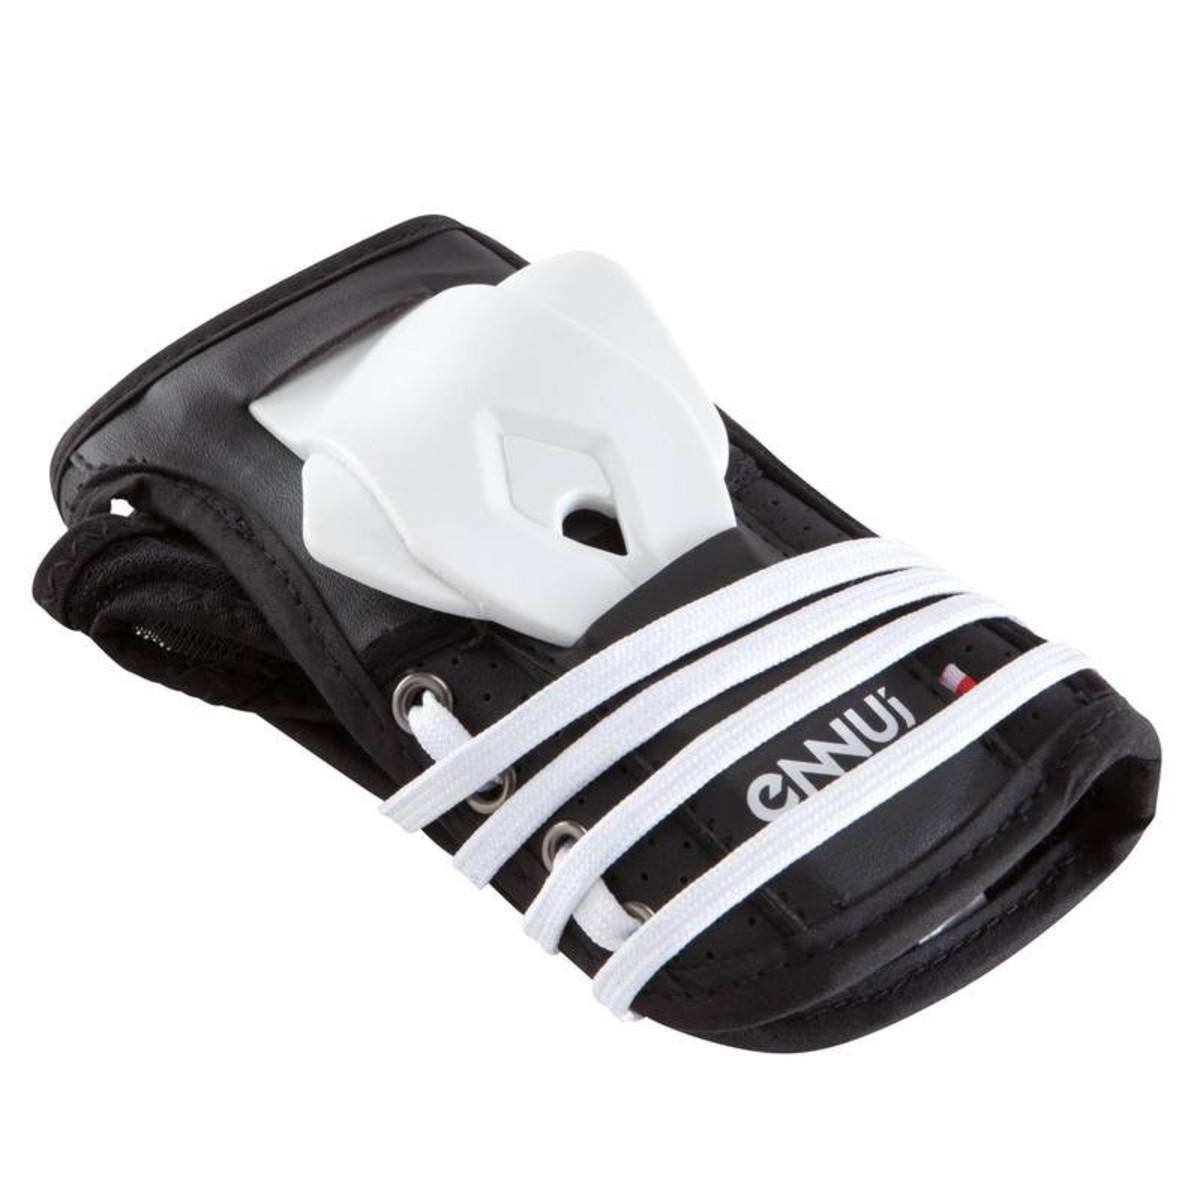 Bild 1 von POWERSLIDE Handgelenkschützer für Inliner Skateboard Erwachsene Ennui Allround schwarz, Größe: 39/40